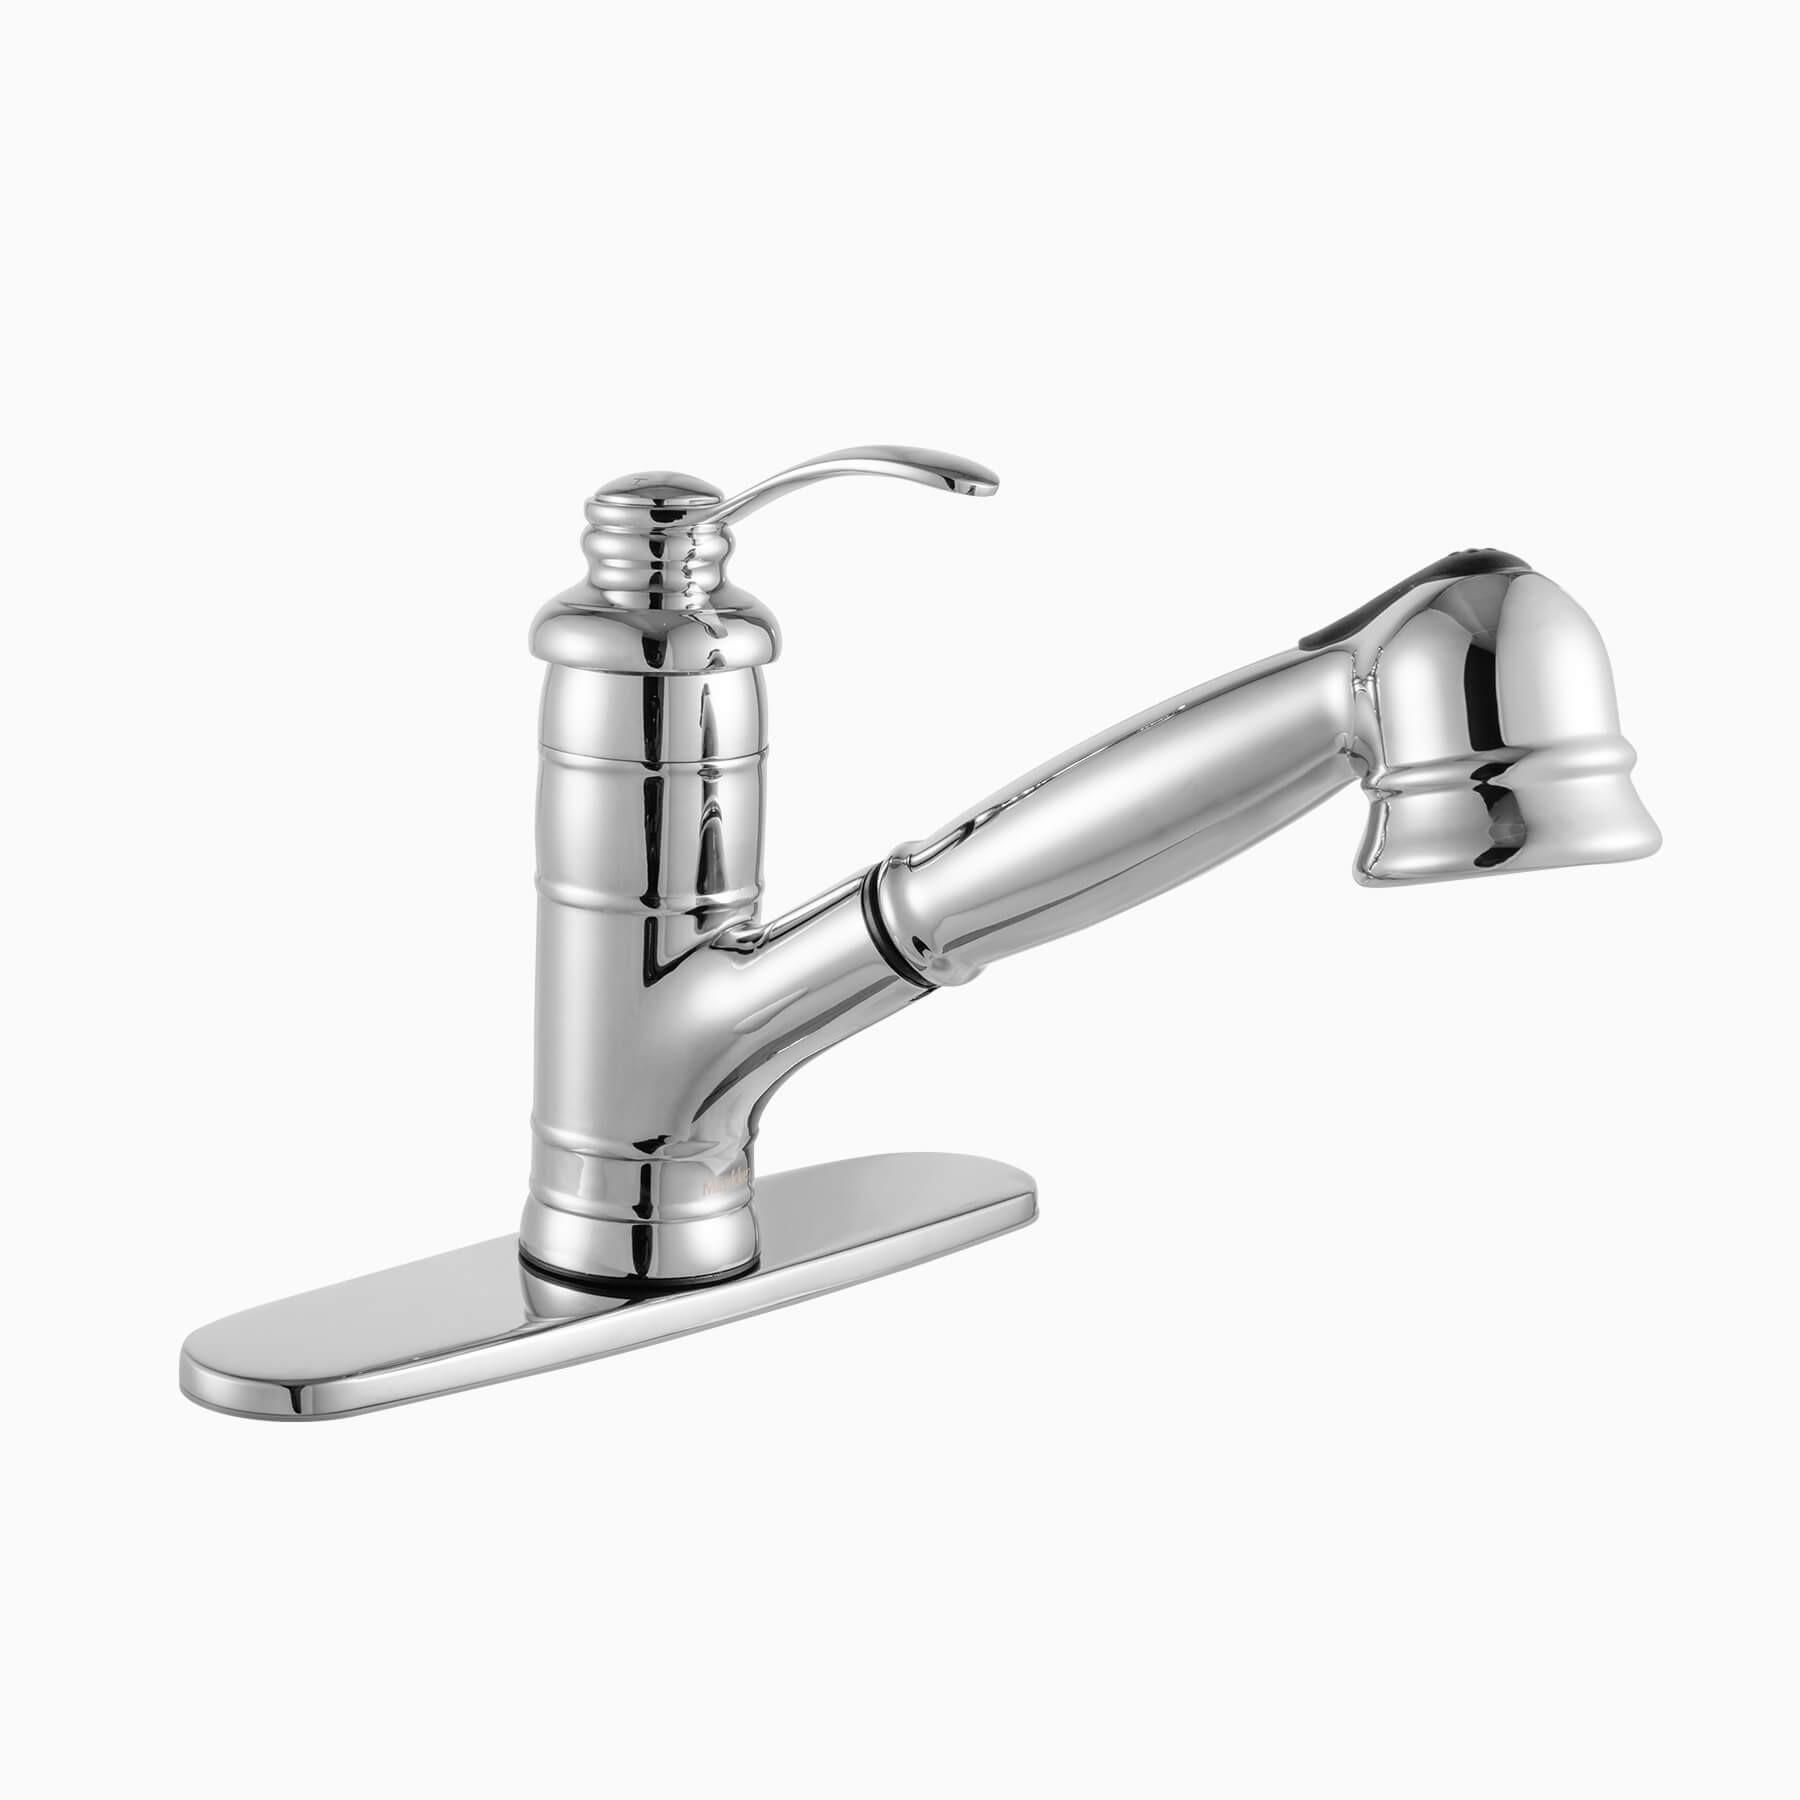 Shelton Br Kitchen Sink Faucet